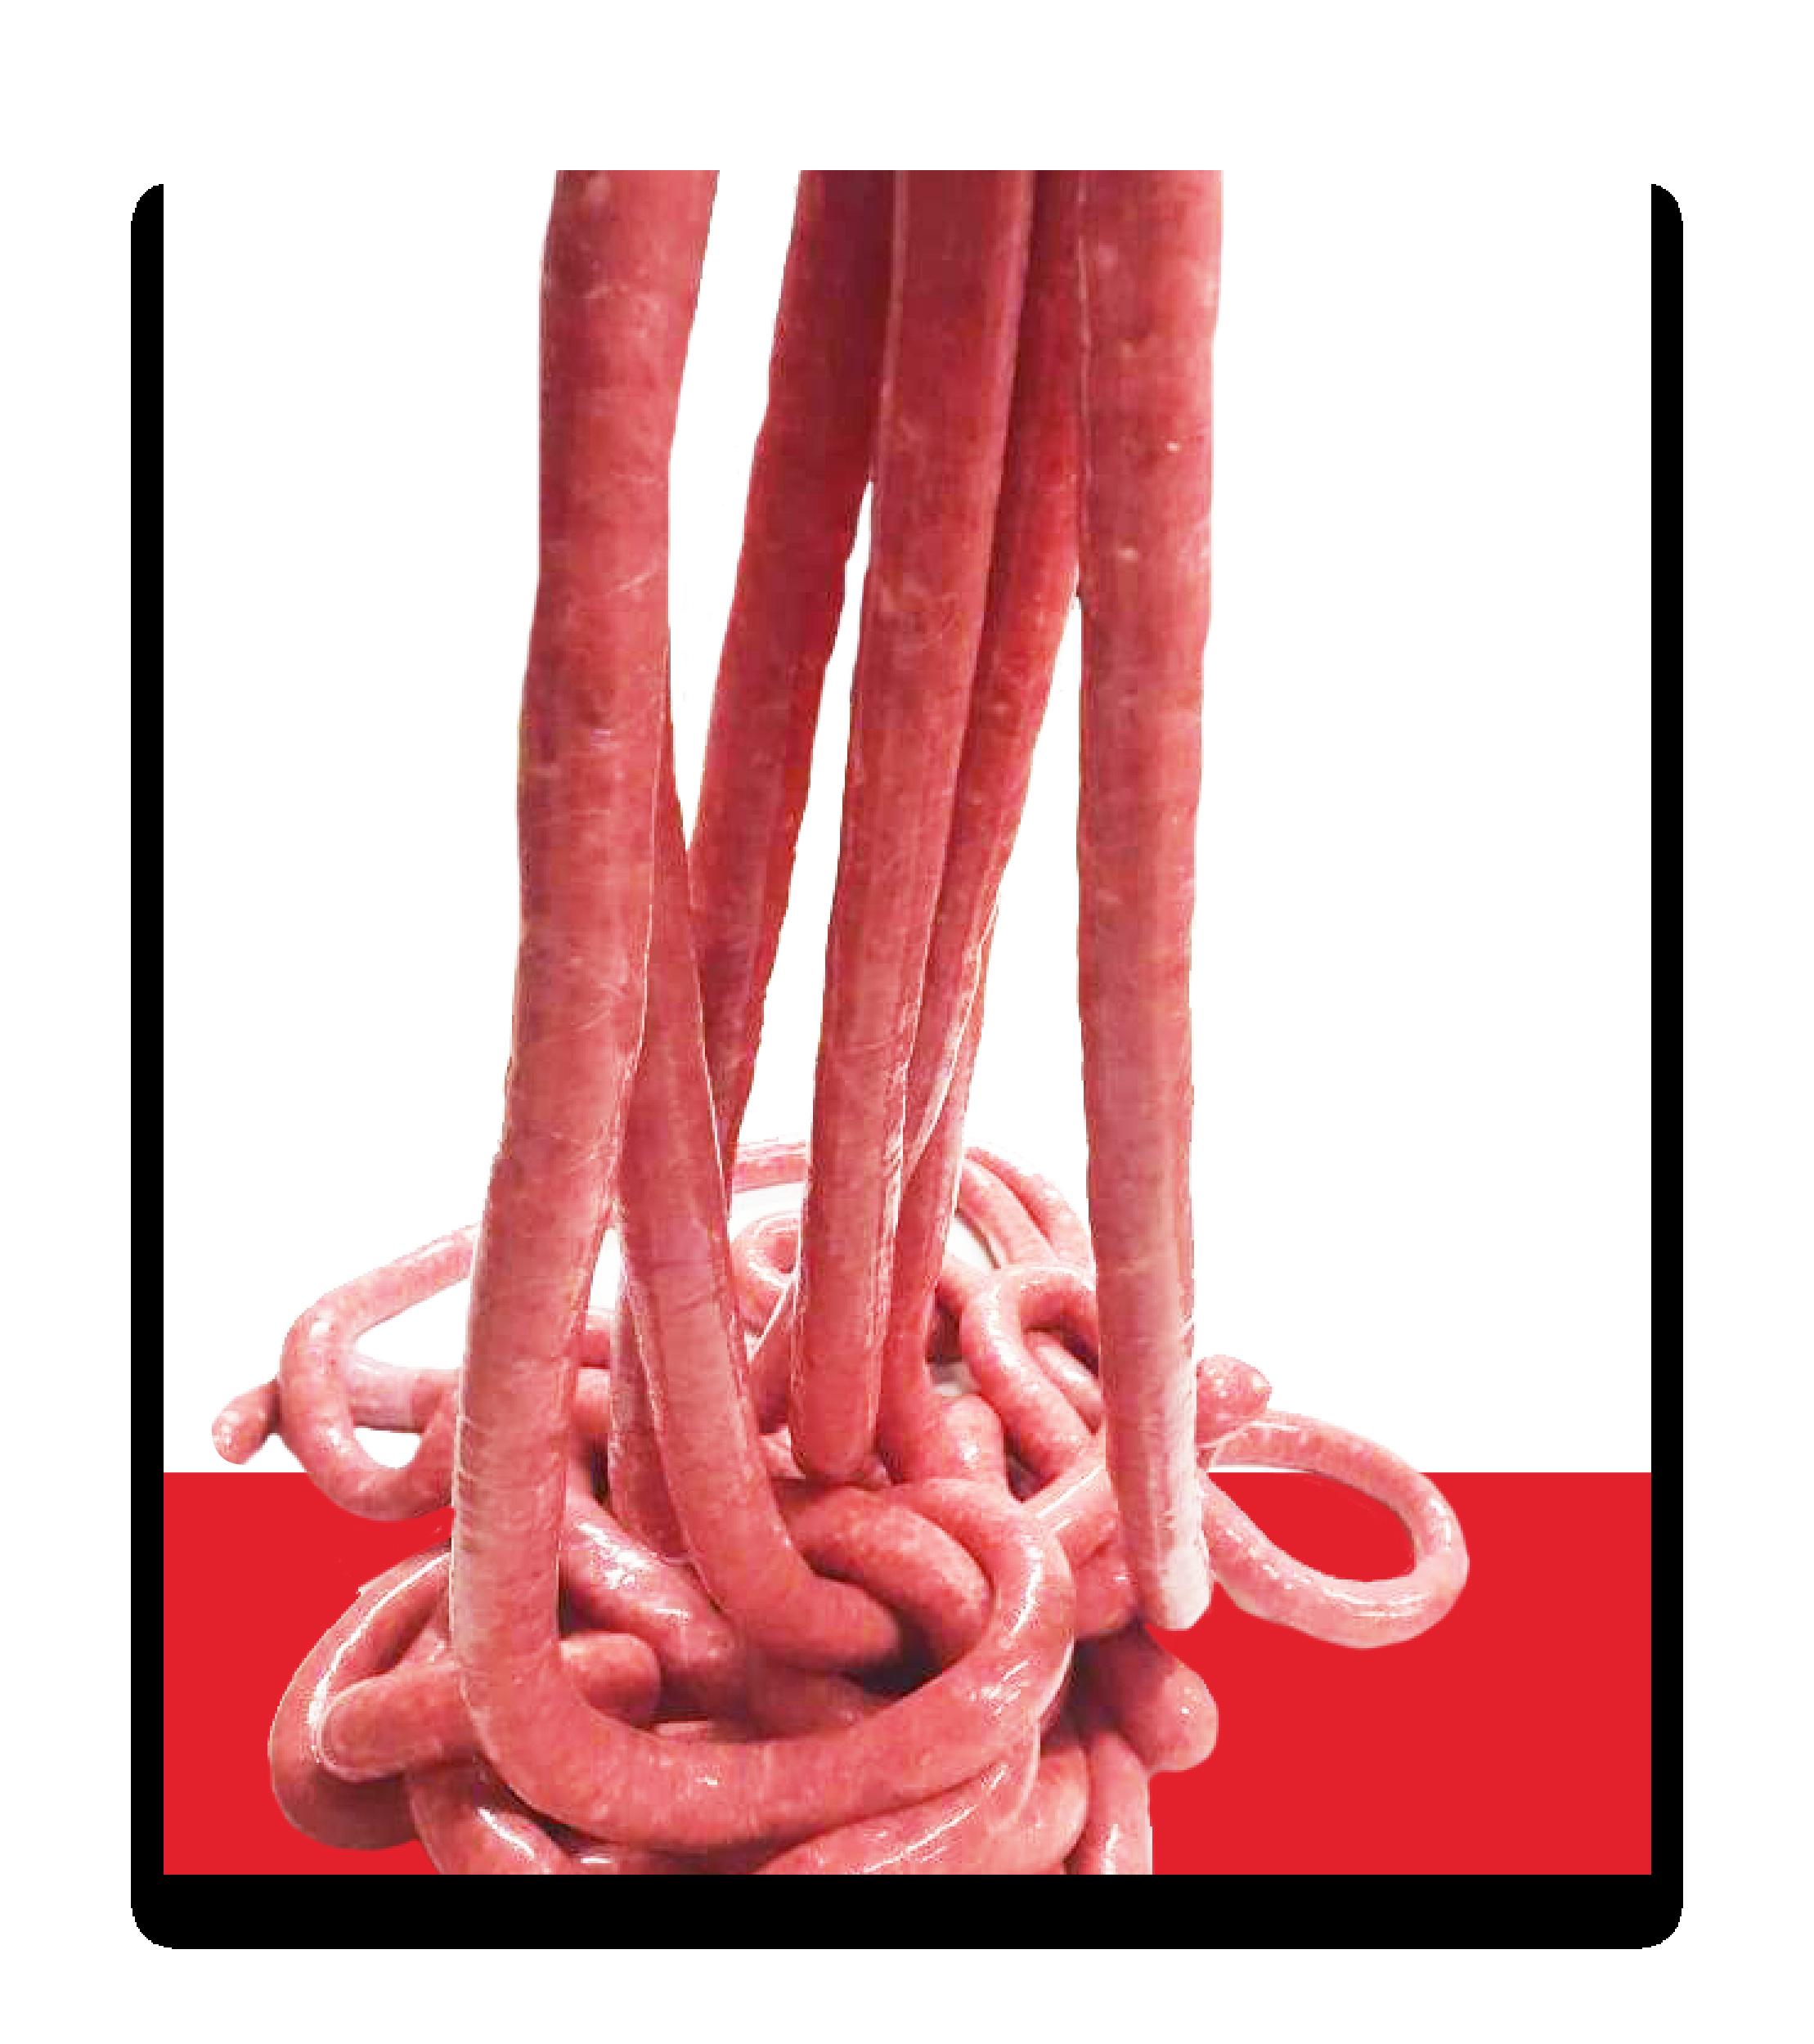 salumi spaienza produzione vendita all ingrosso supermercati alimentari supermarket grandi catene bar catering salsiccia di bra per ristoranti ingrosso salumi cuneo torino piemonte .png